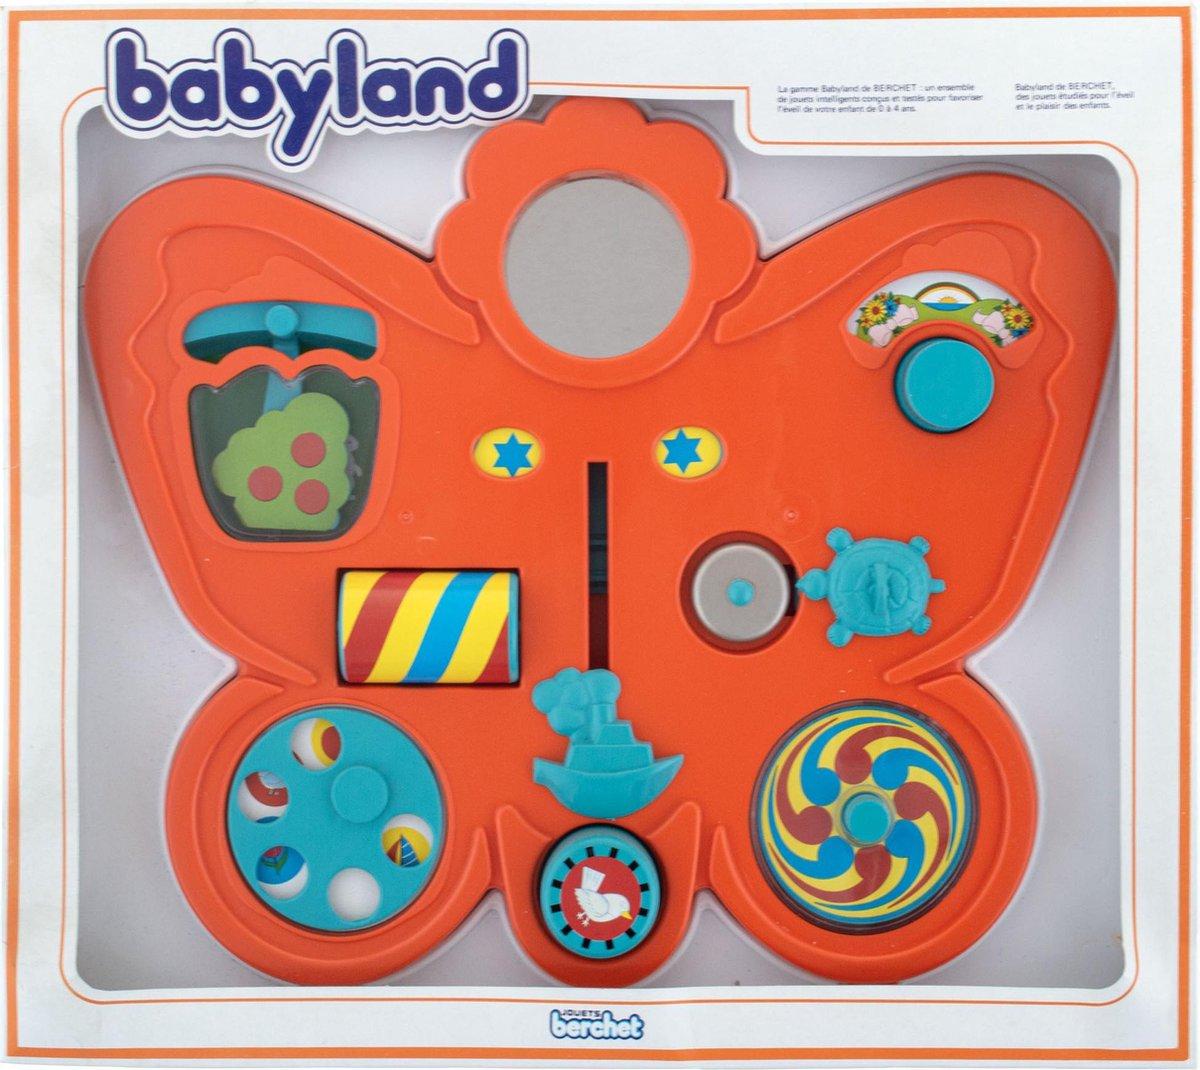 Educatief baby speelgoed - Babyland vlinder met 12 leuke ontdekkingen voor de baby - 40 x 35 x 4 cm